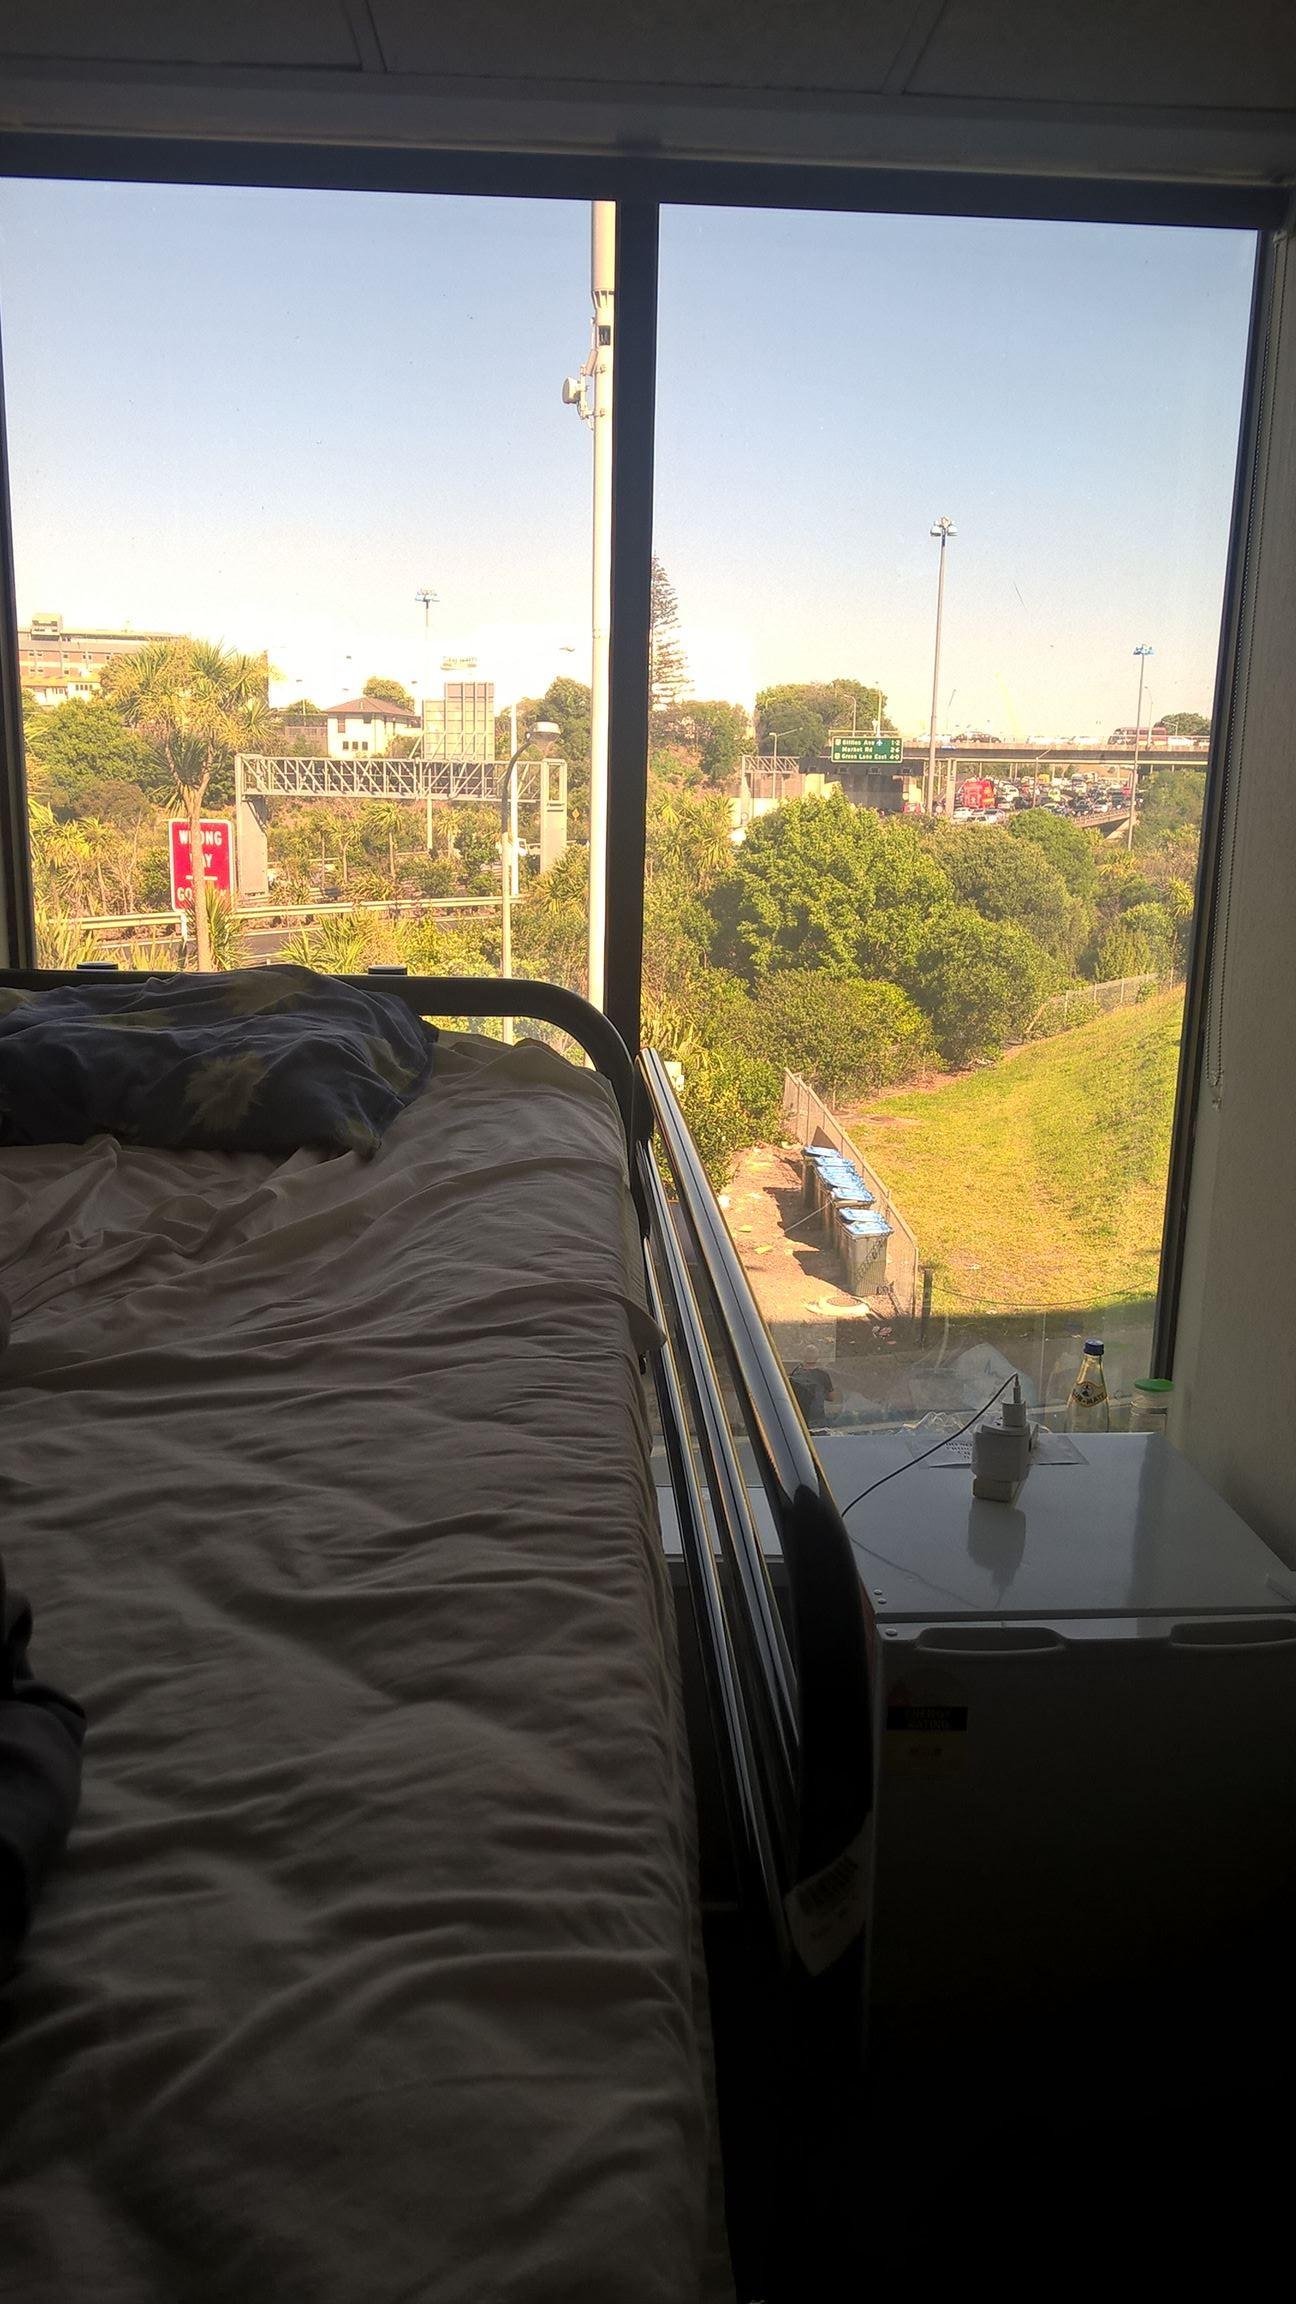 Hostelzimmer mit direktem Autobahn-Blick